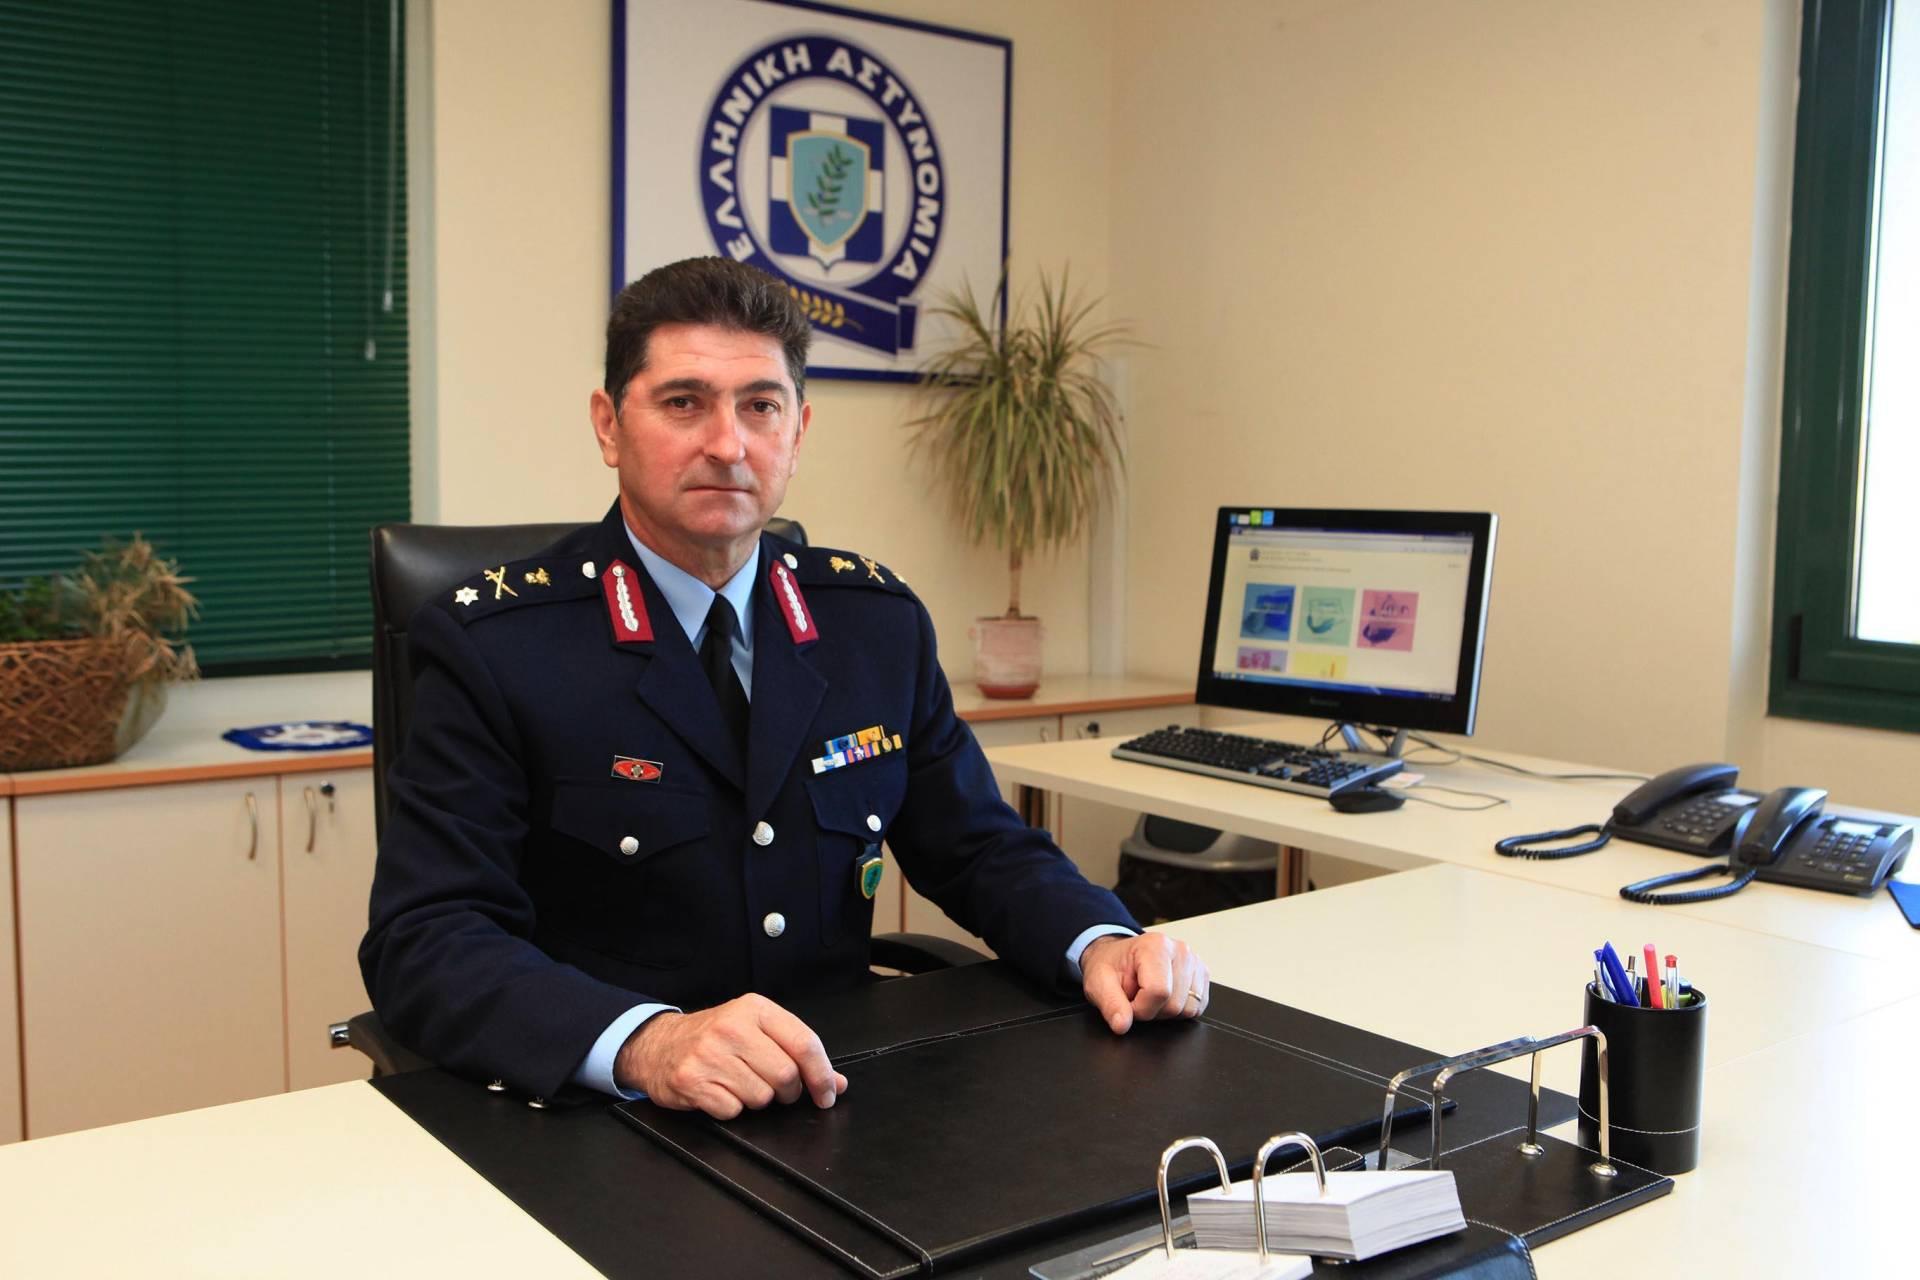 Αποχαιρετιστήρια Επιστολή Γενικού Περιφερειακού Αστυνομικού Διευθυντή Δυτικής ΜακεδονίαςΥποστράτηγου ε.ο.θ. Σιόρεντα Δημητρίου